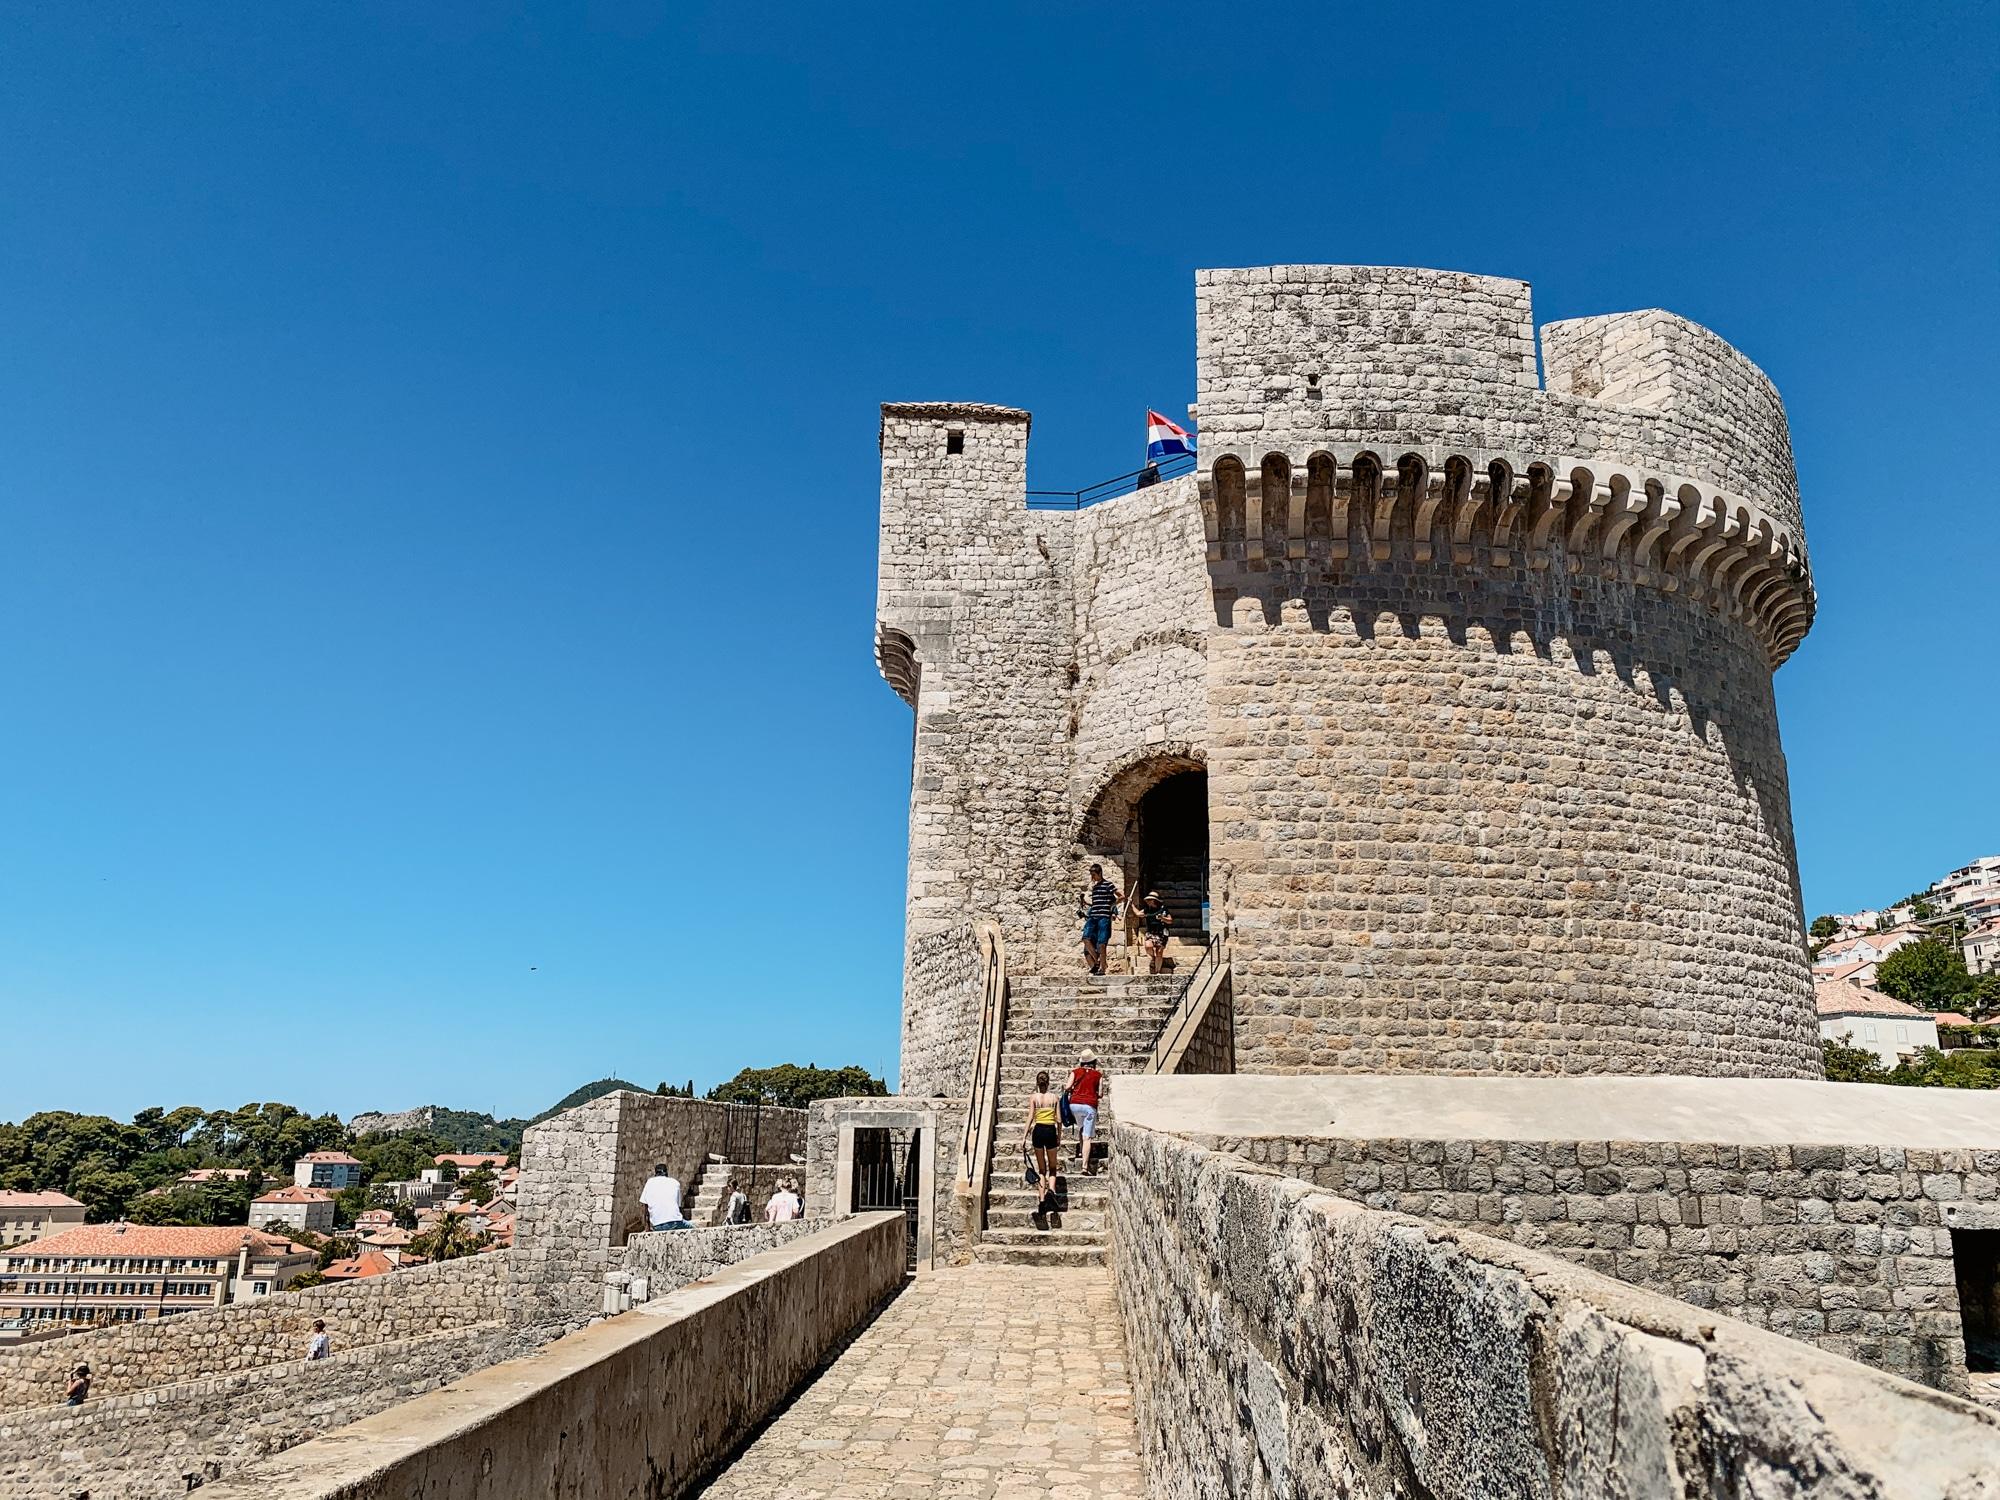 Dubrovnik Sehenswürdigkeiten Top 10: Meine Highlights und Tipps - Stadtmauern Rundgang, Minceta Turm